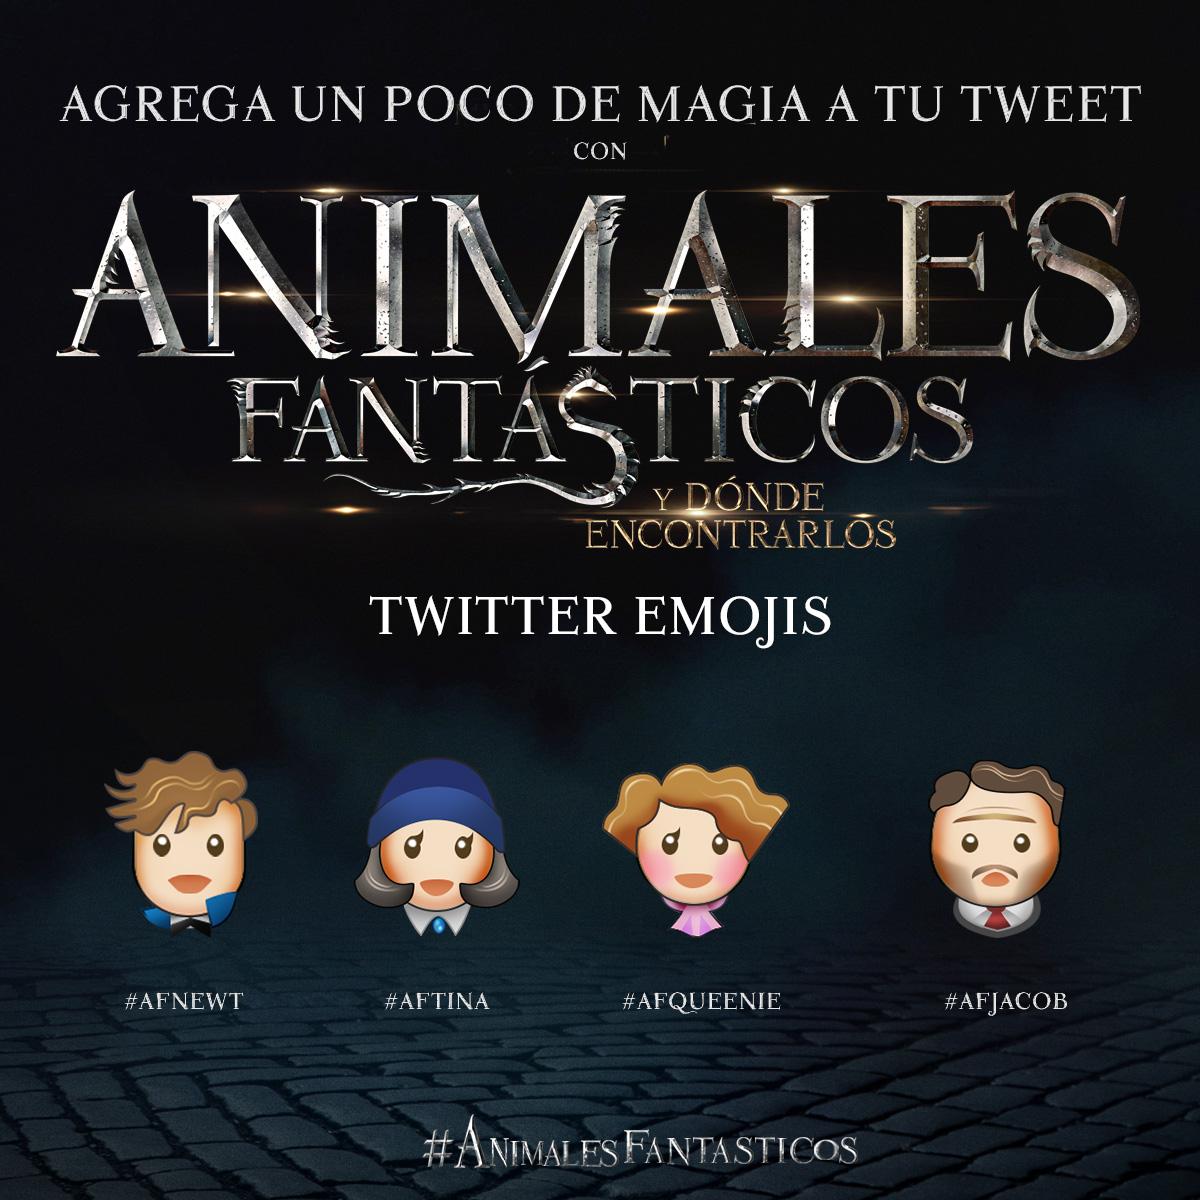 AnimalesFantasticos_EmojisTW[2]